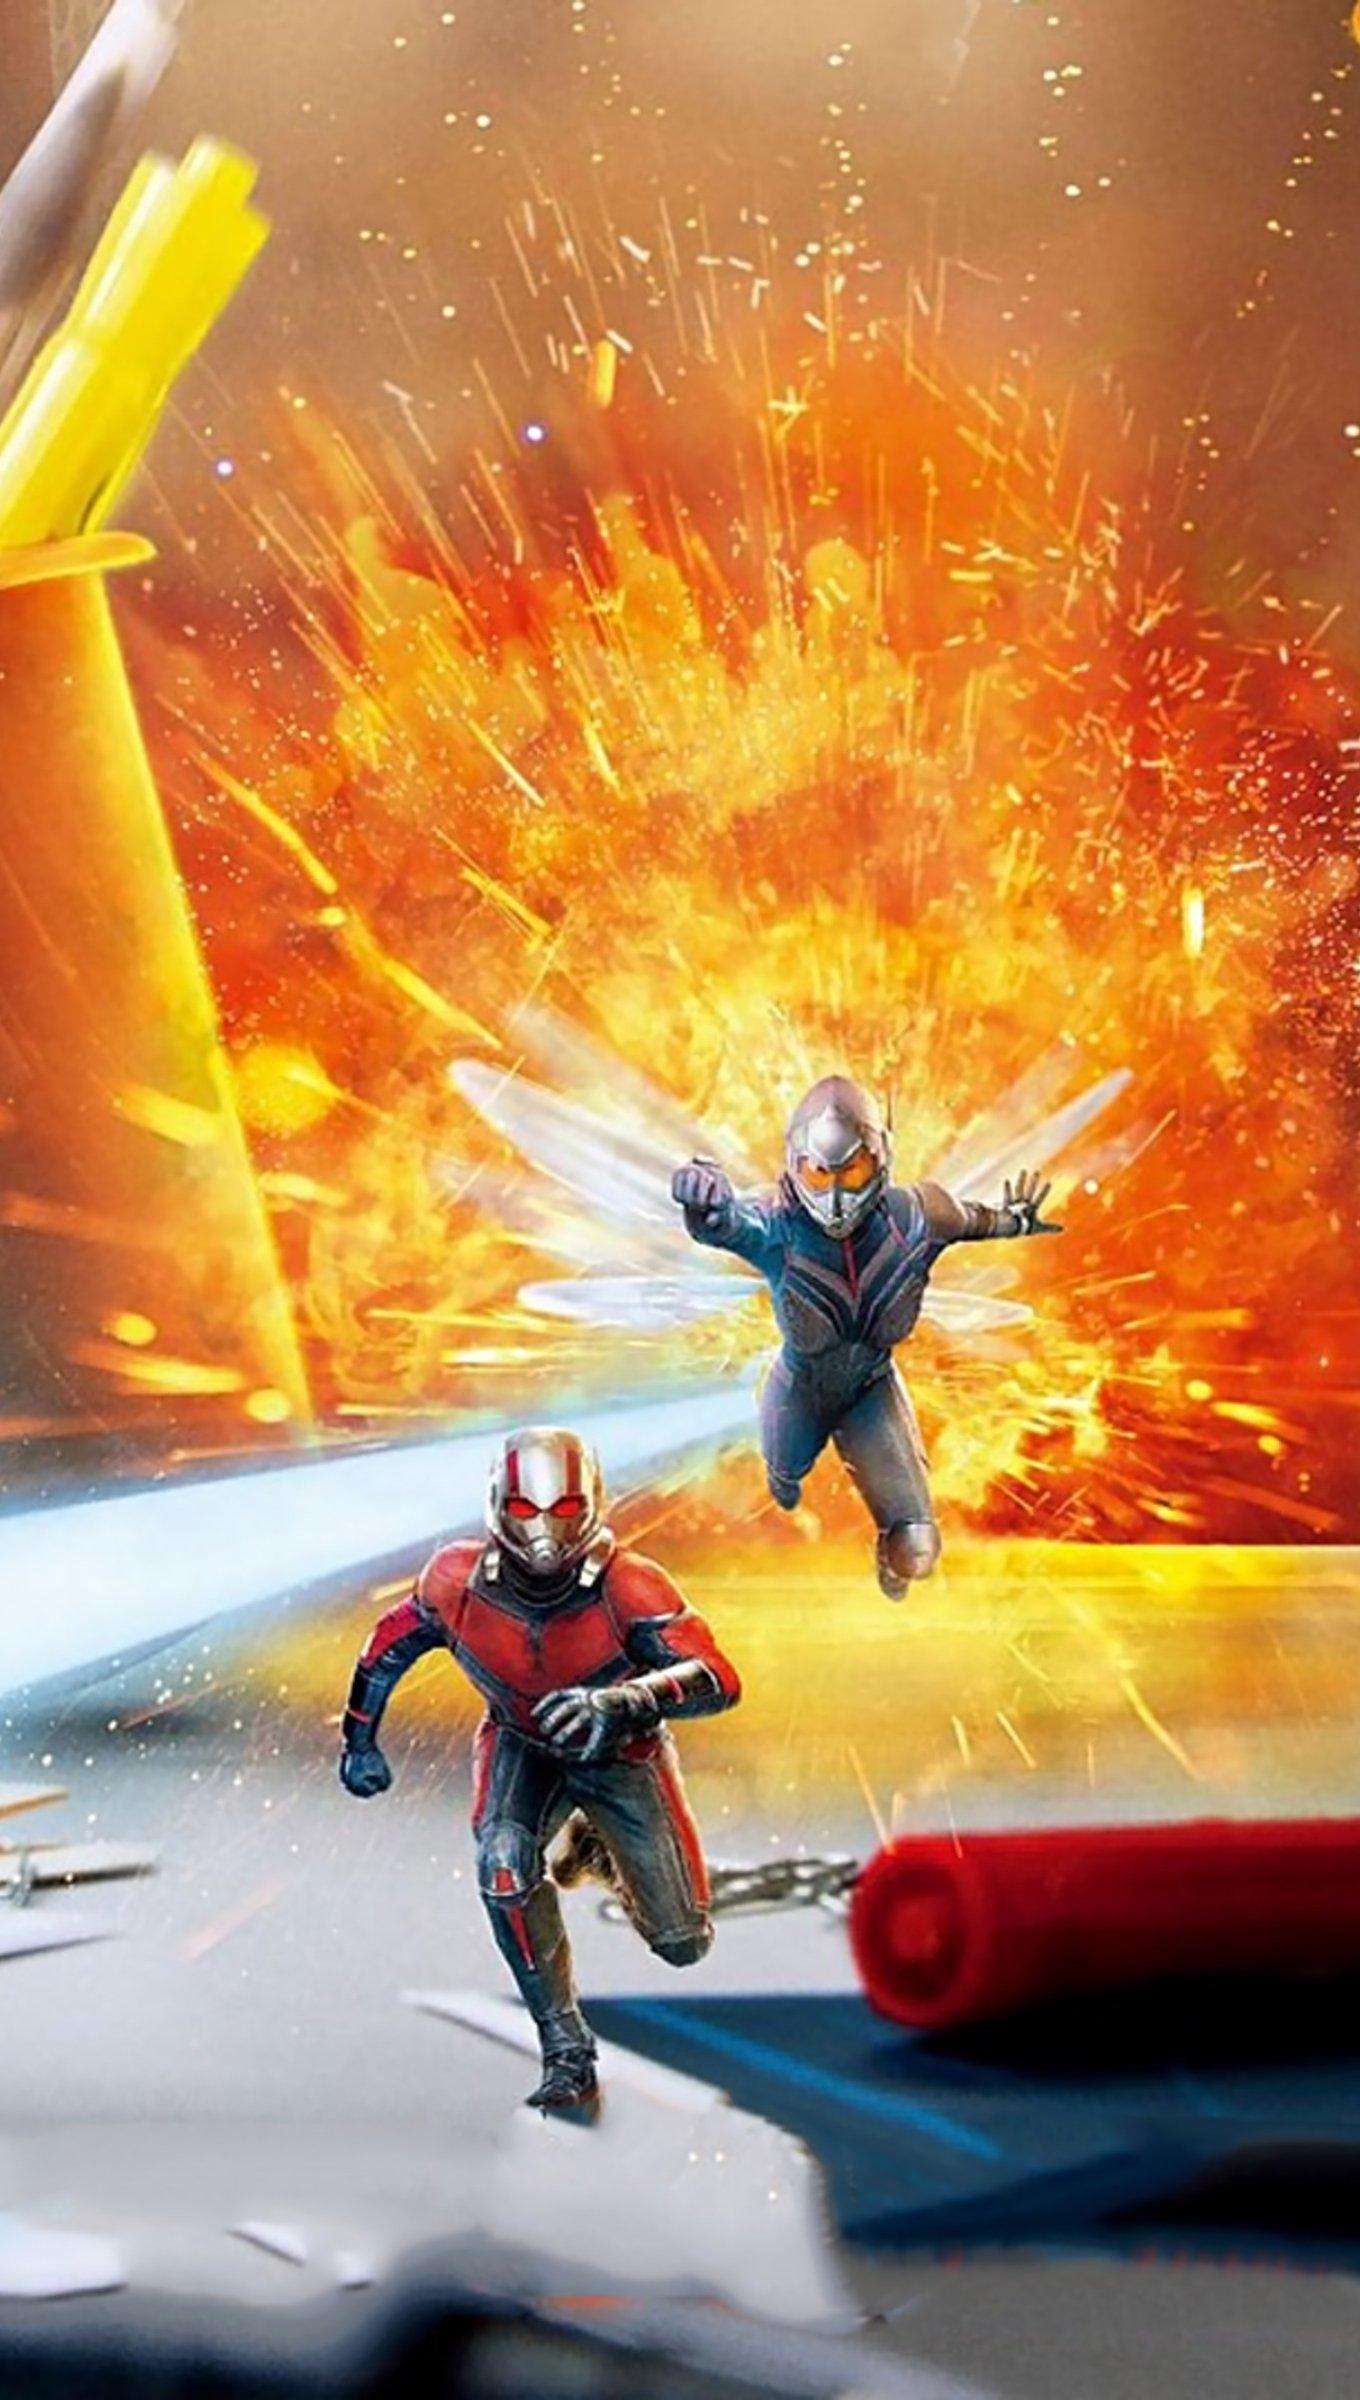 Fondos de pantalla Escena de Ant Man y la avispa Vertical